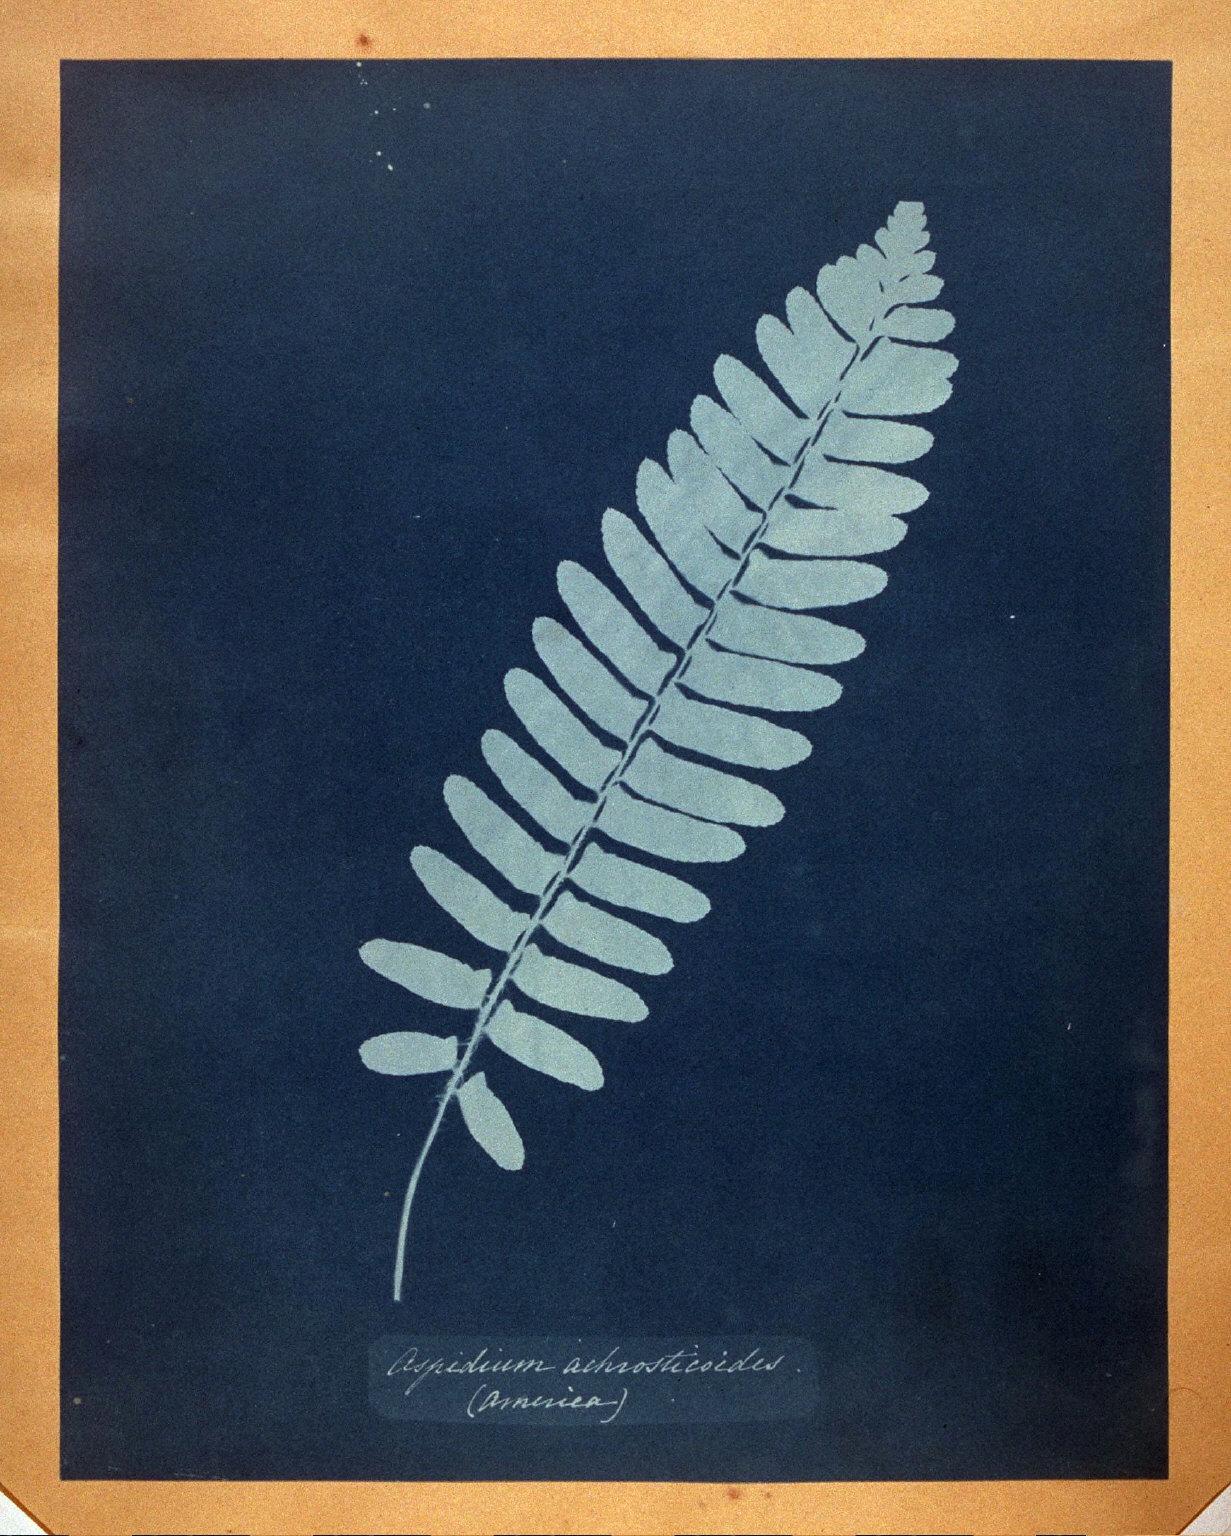 Aspidium Achrosticoides (America)